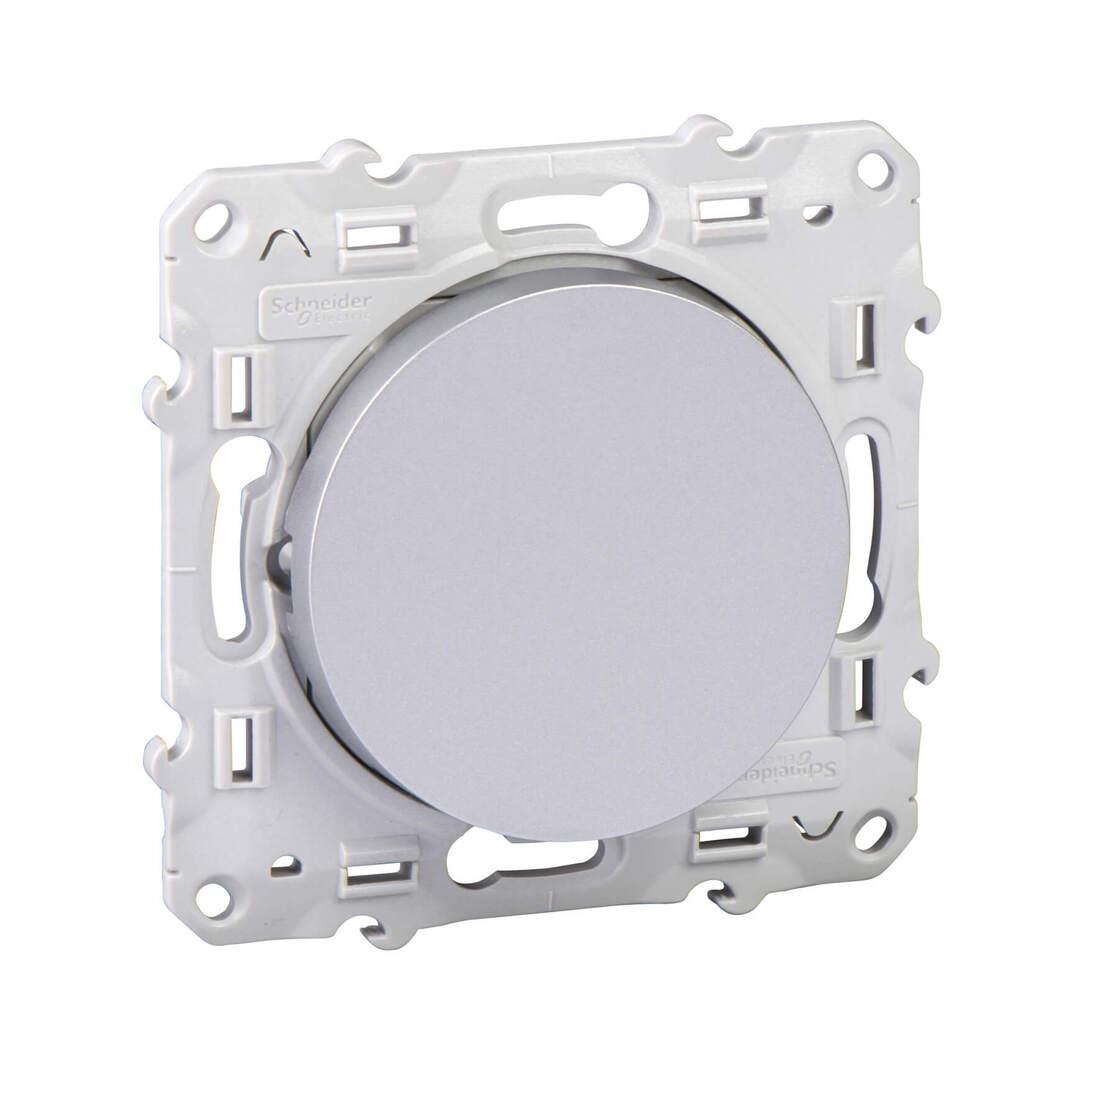 Schneider-Merten Odace wisselschakelaar 10A aluminium (S530203)